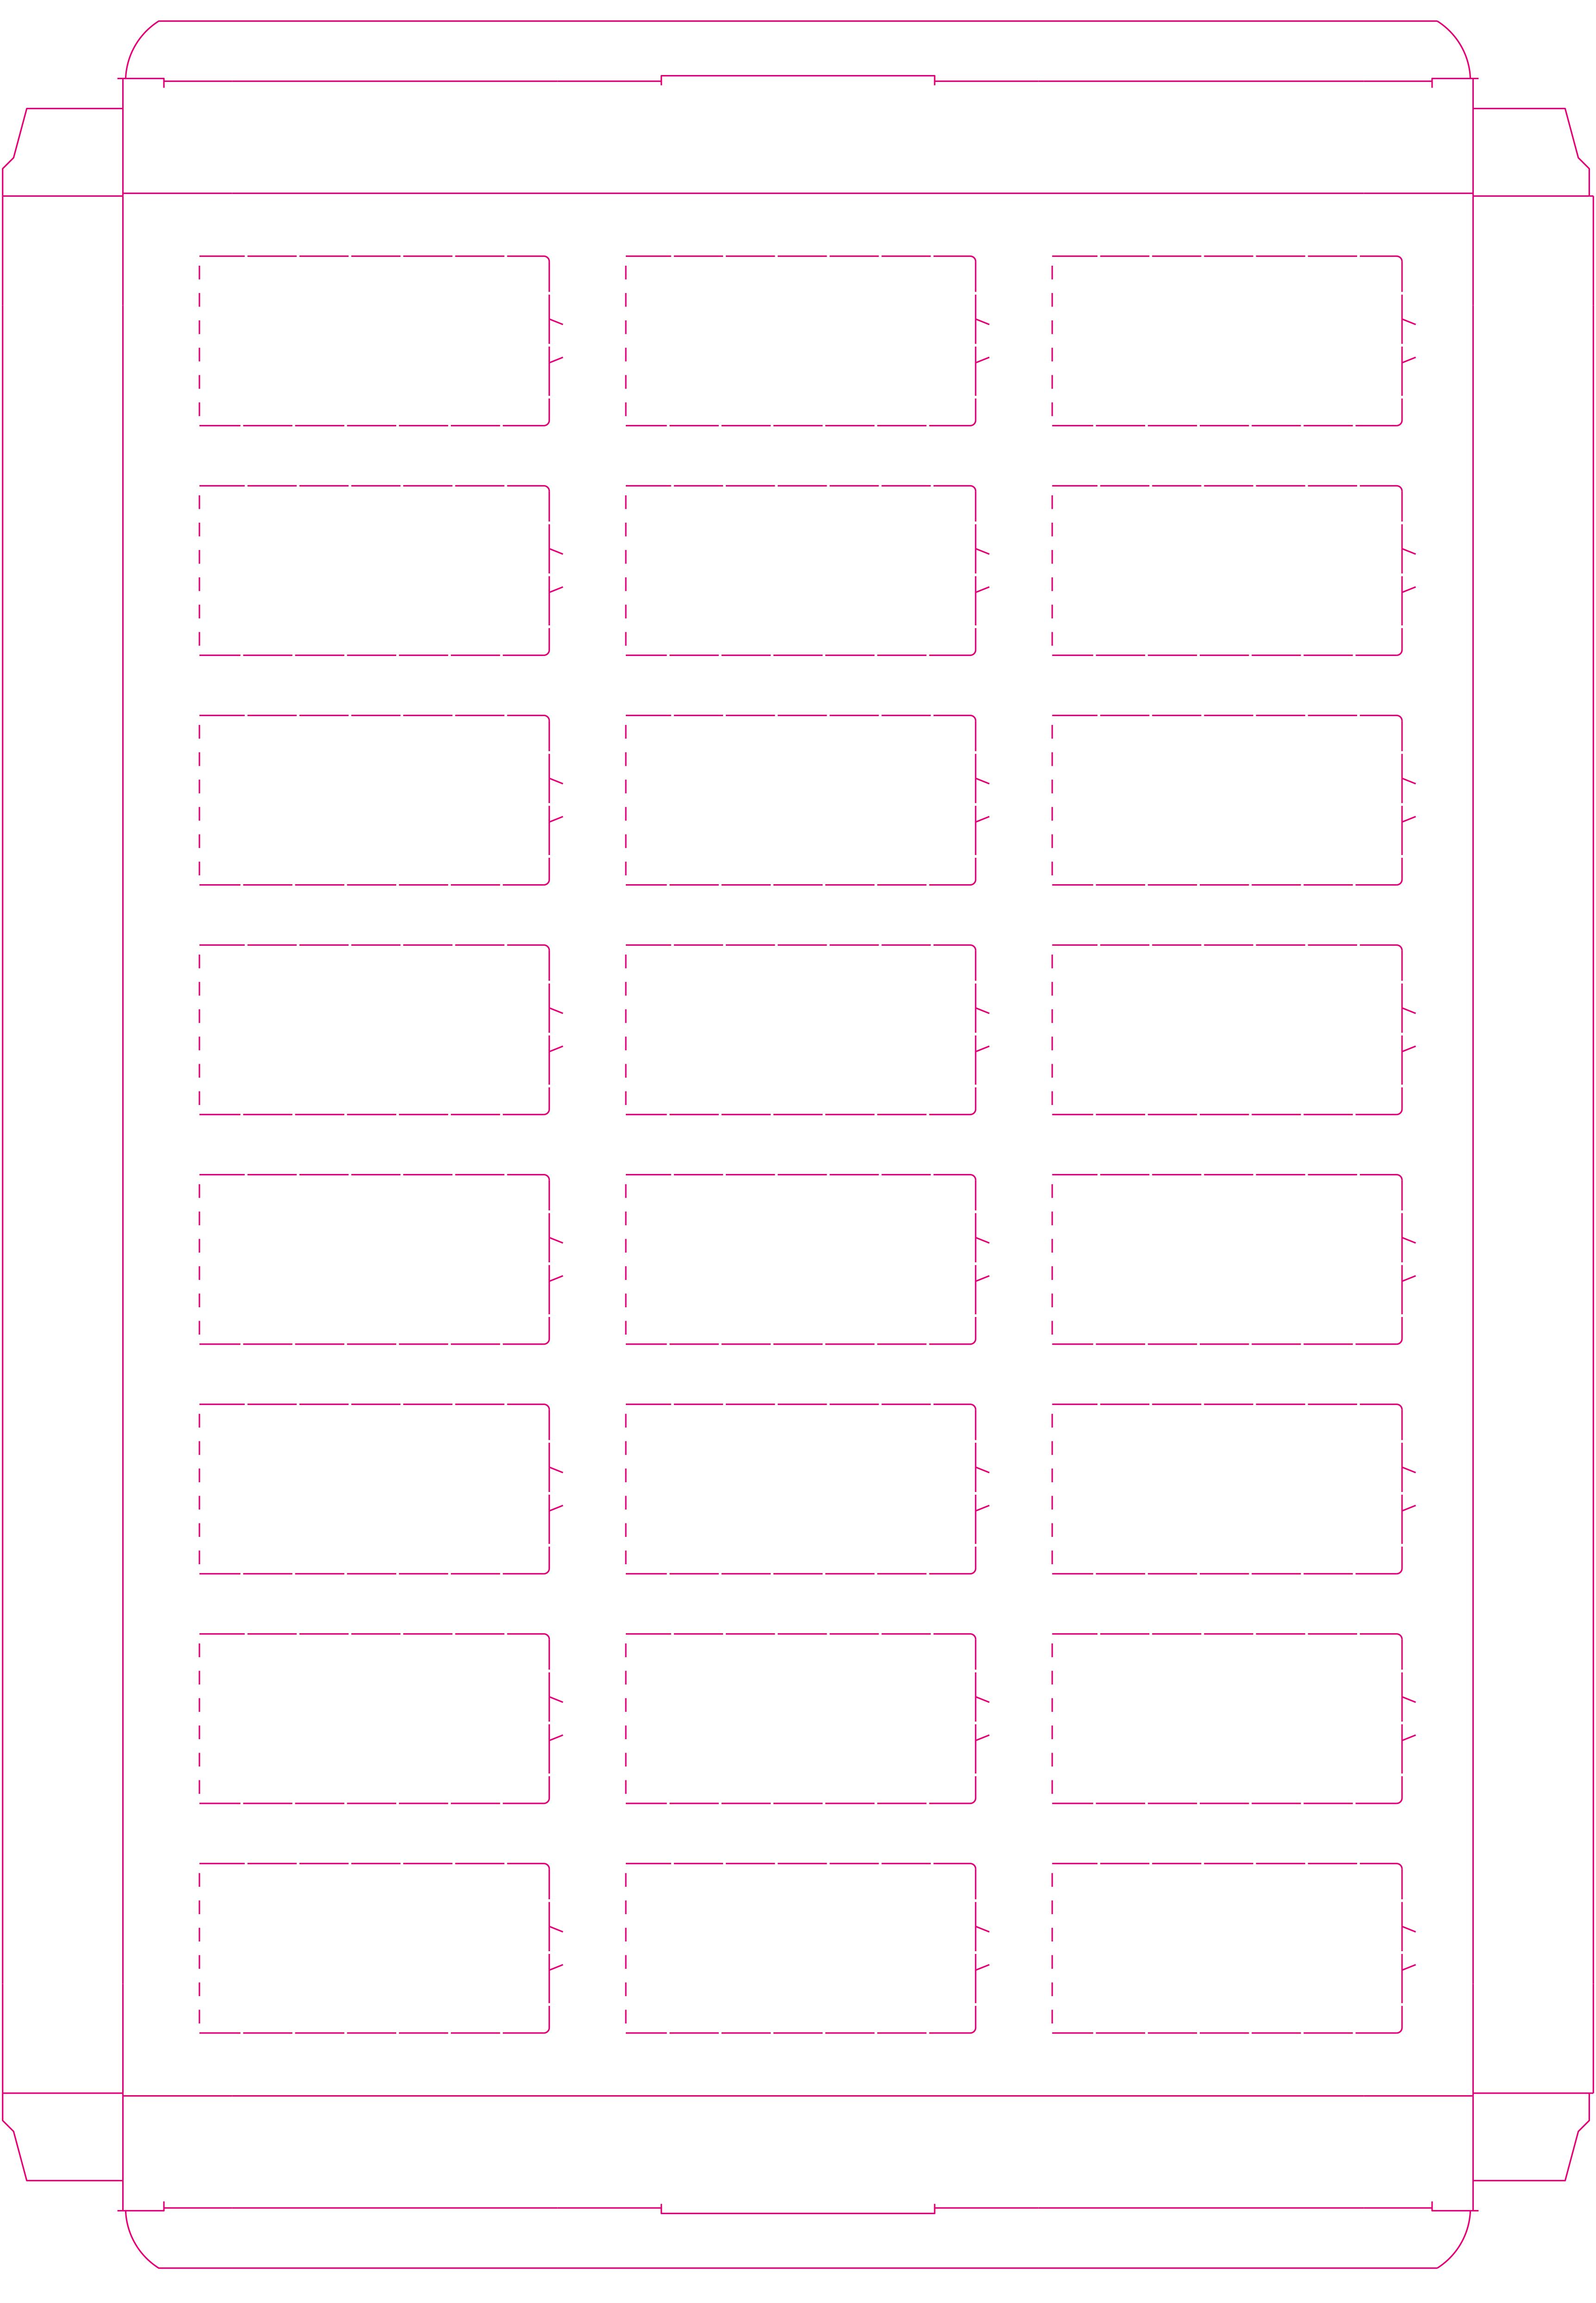 Wandkalender_TOBLERONE_2-teilig_Vorderseite_CS2